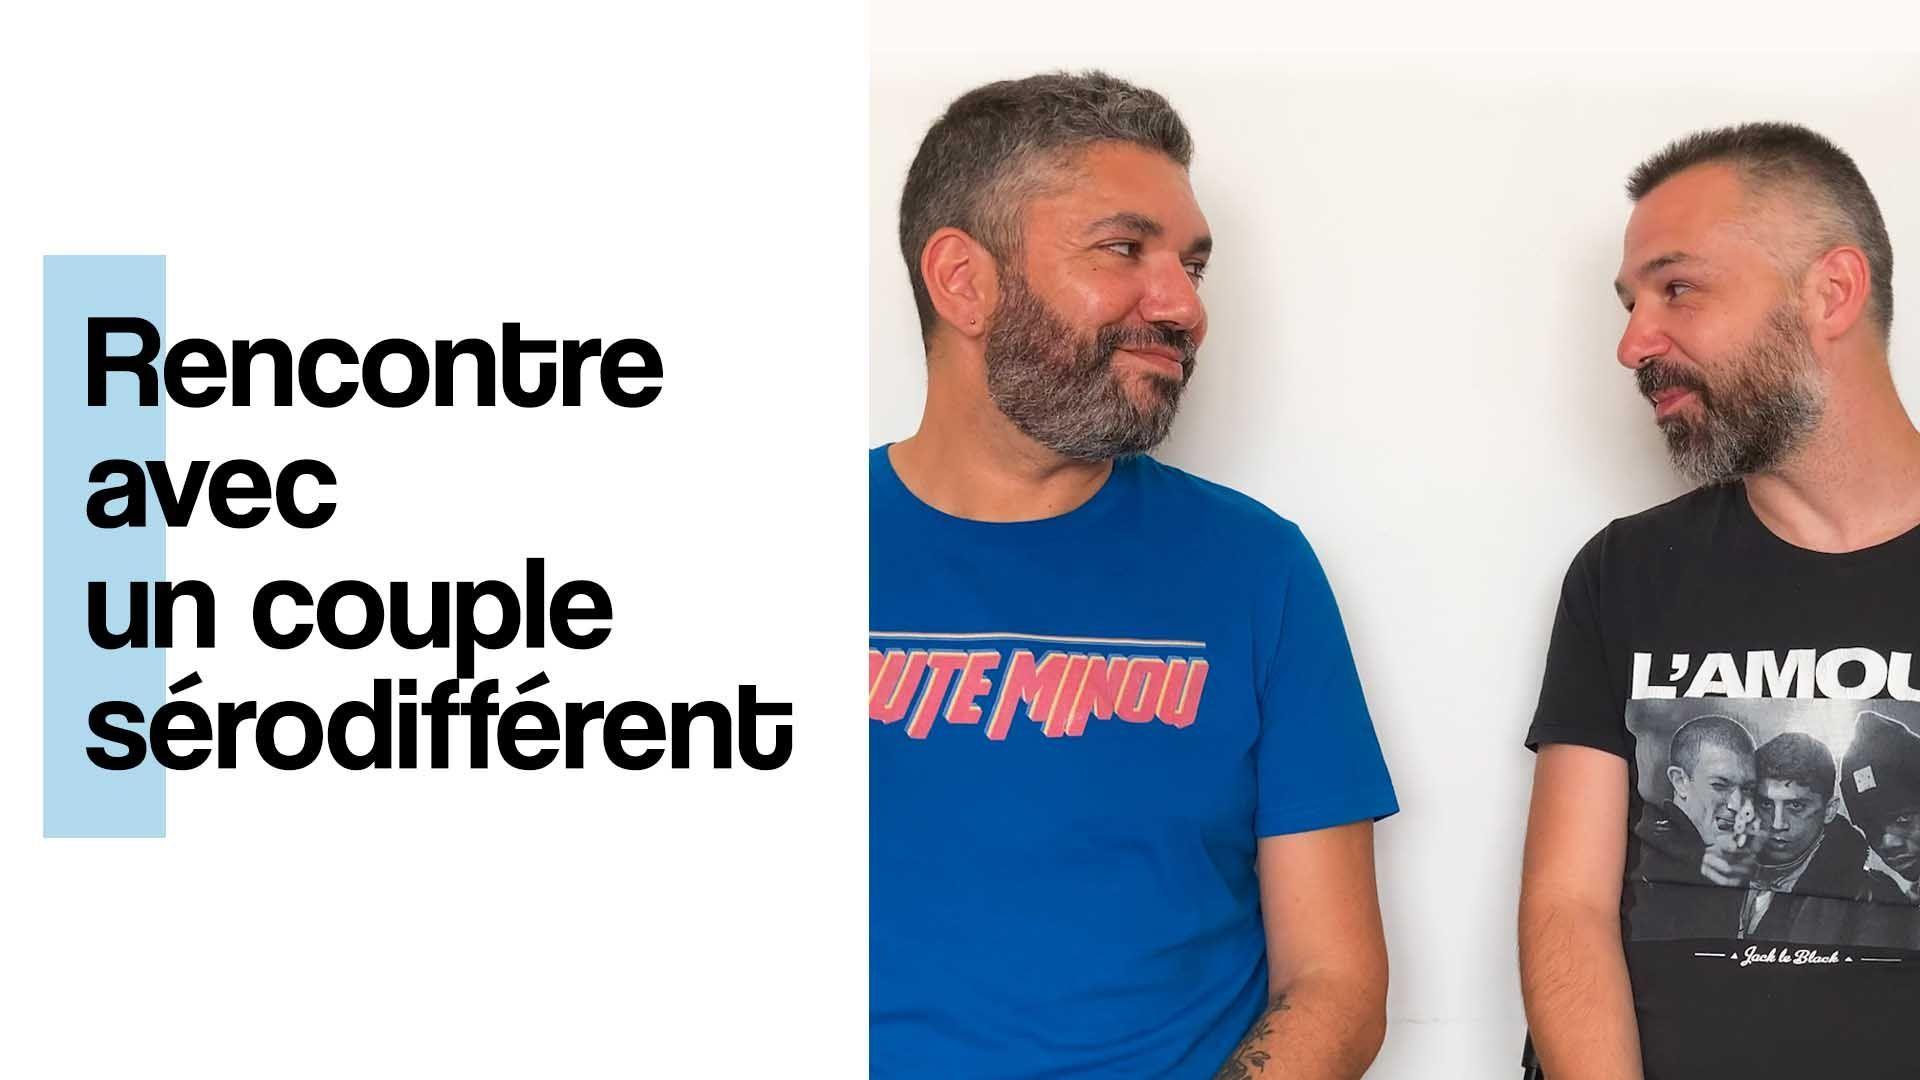 Fred et Cédric - Rencontre avec un couple sérodifférent